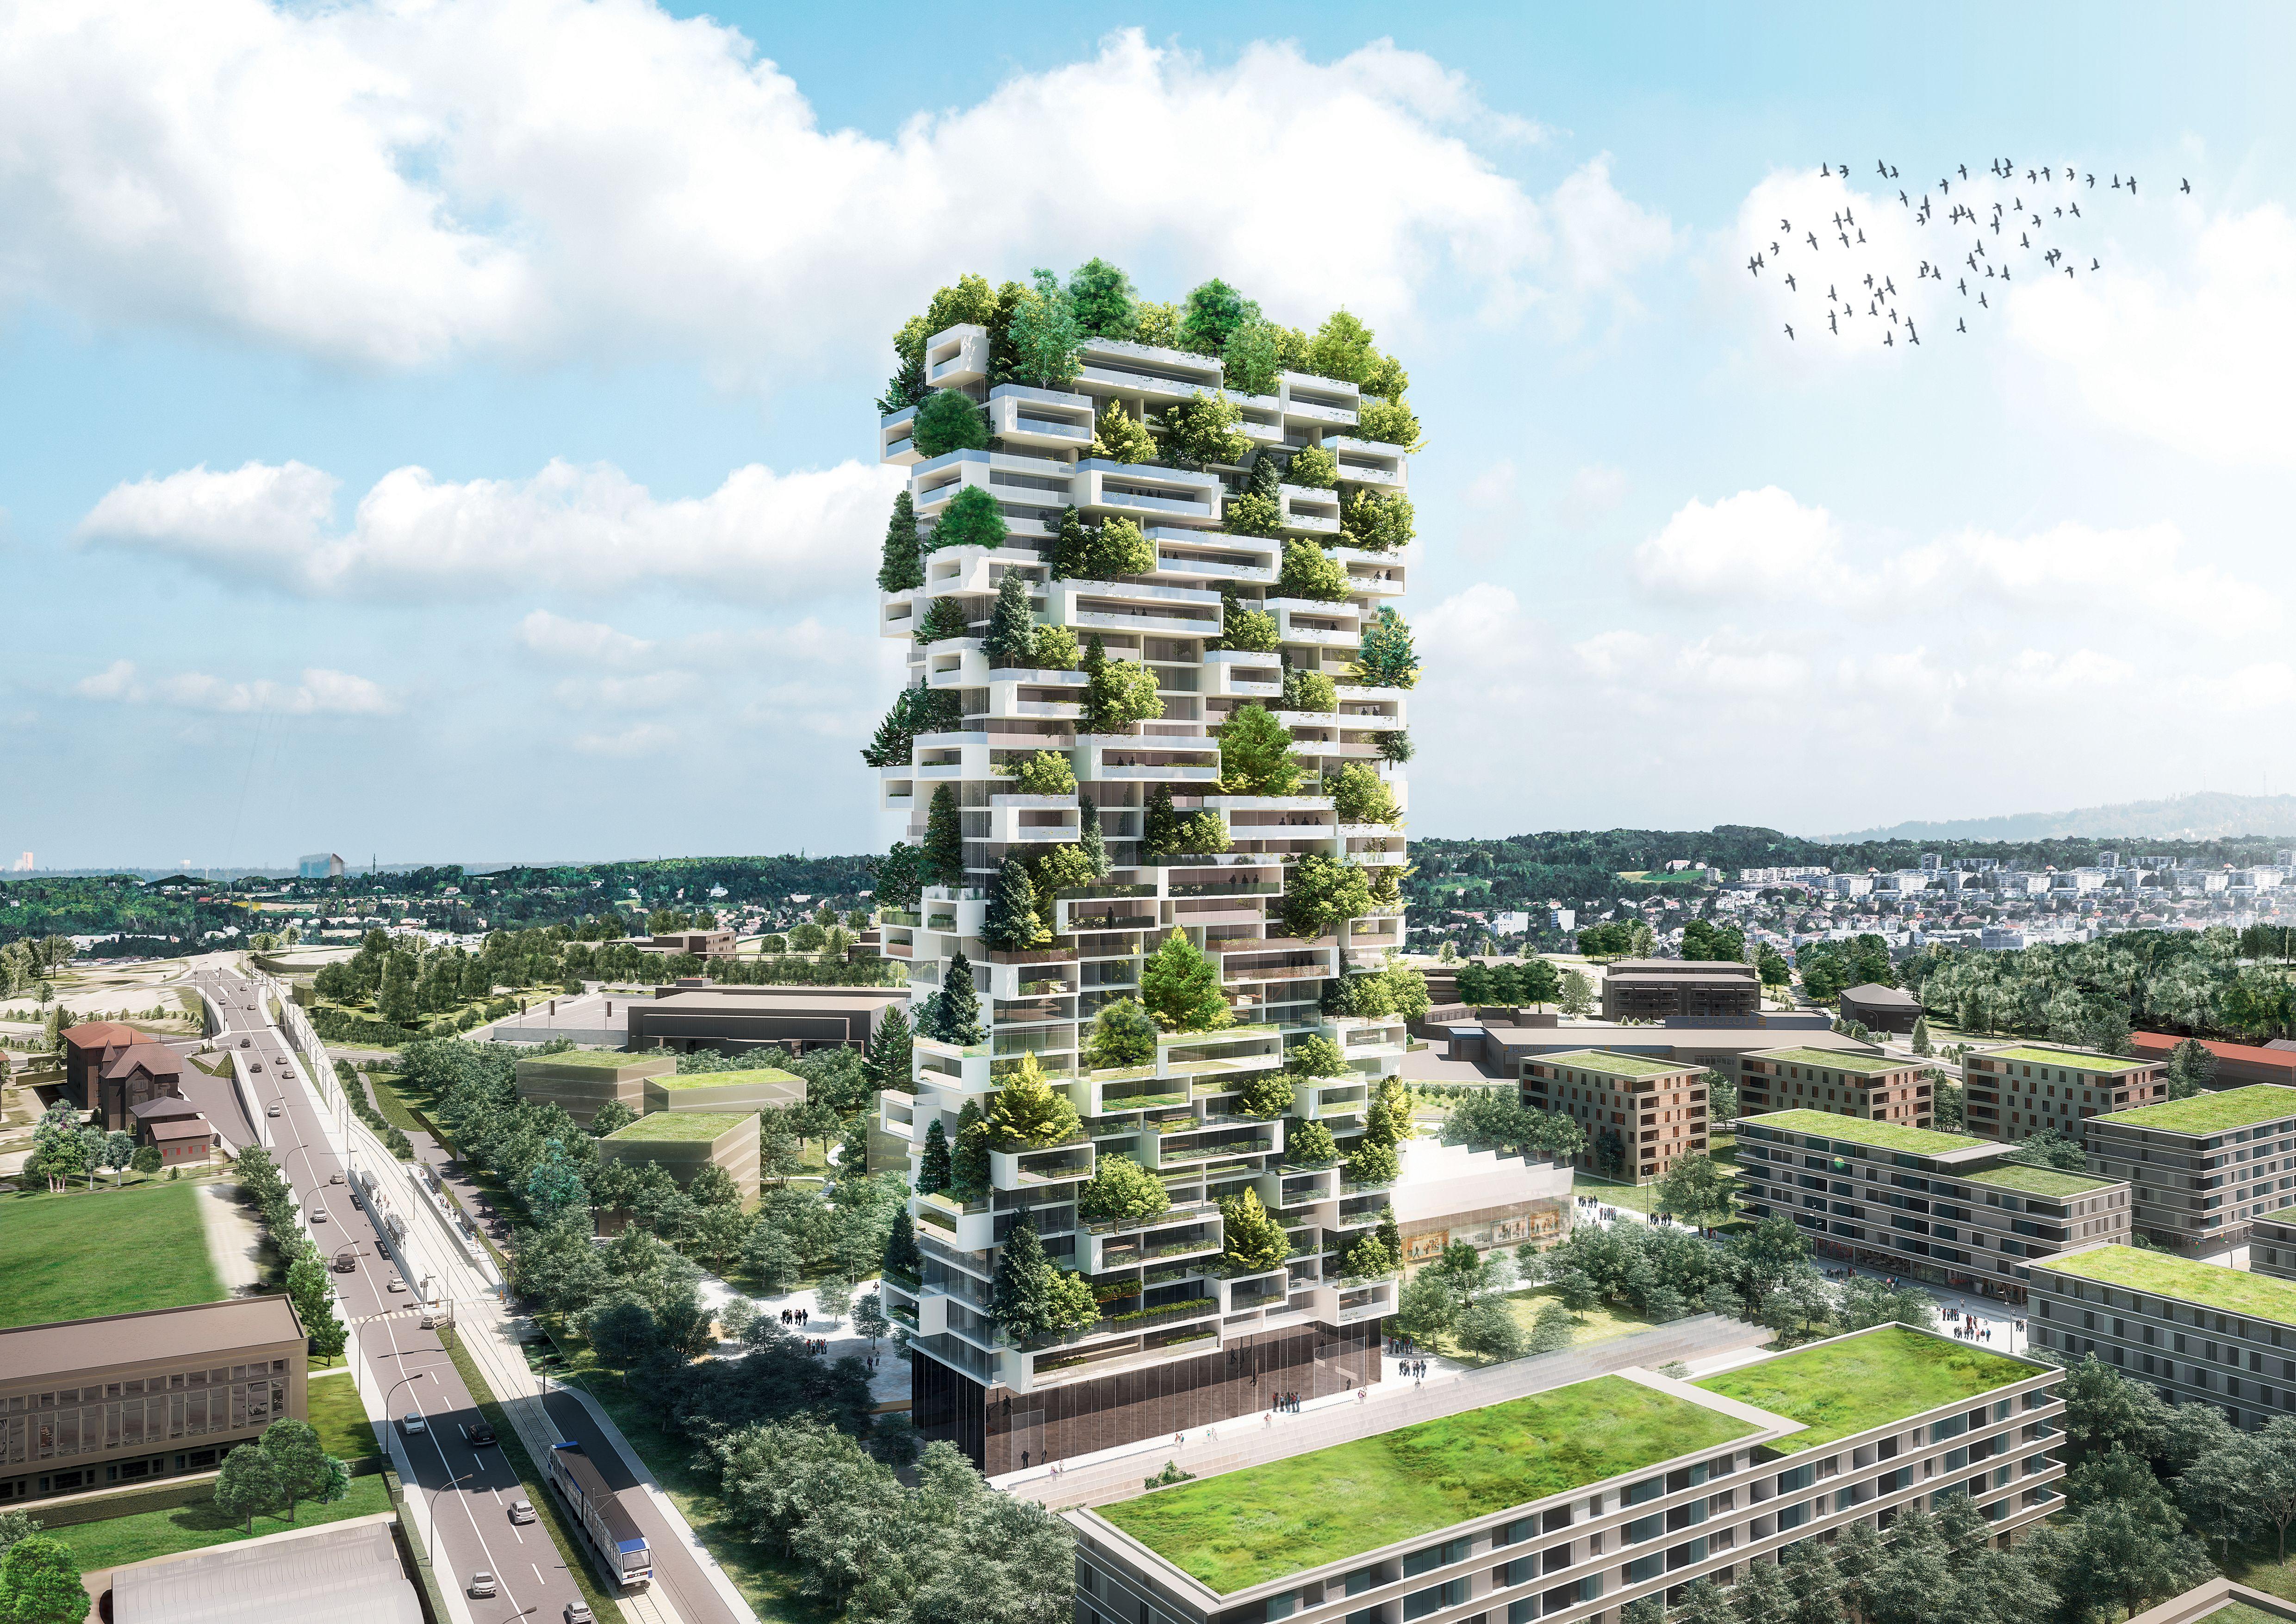 Lausanne : une forêt verticale de 117 mètres pour la tour de